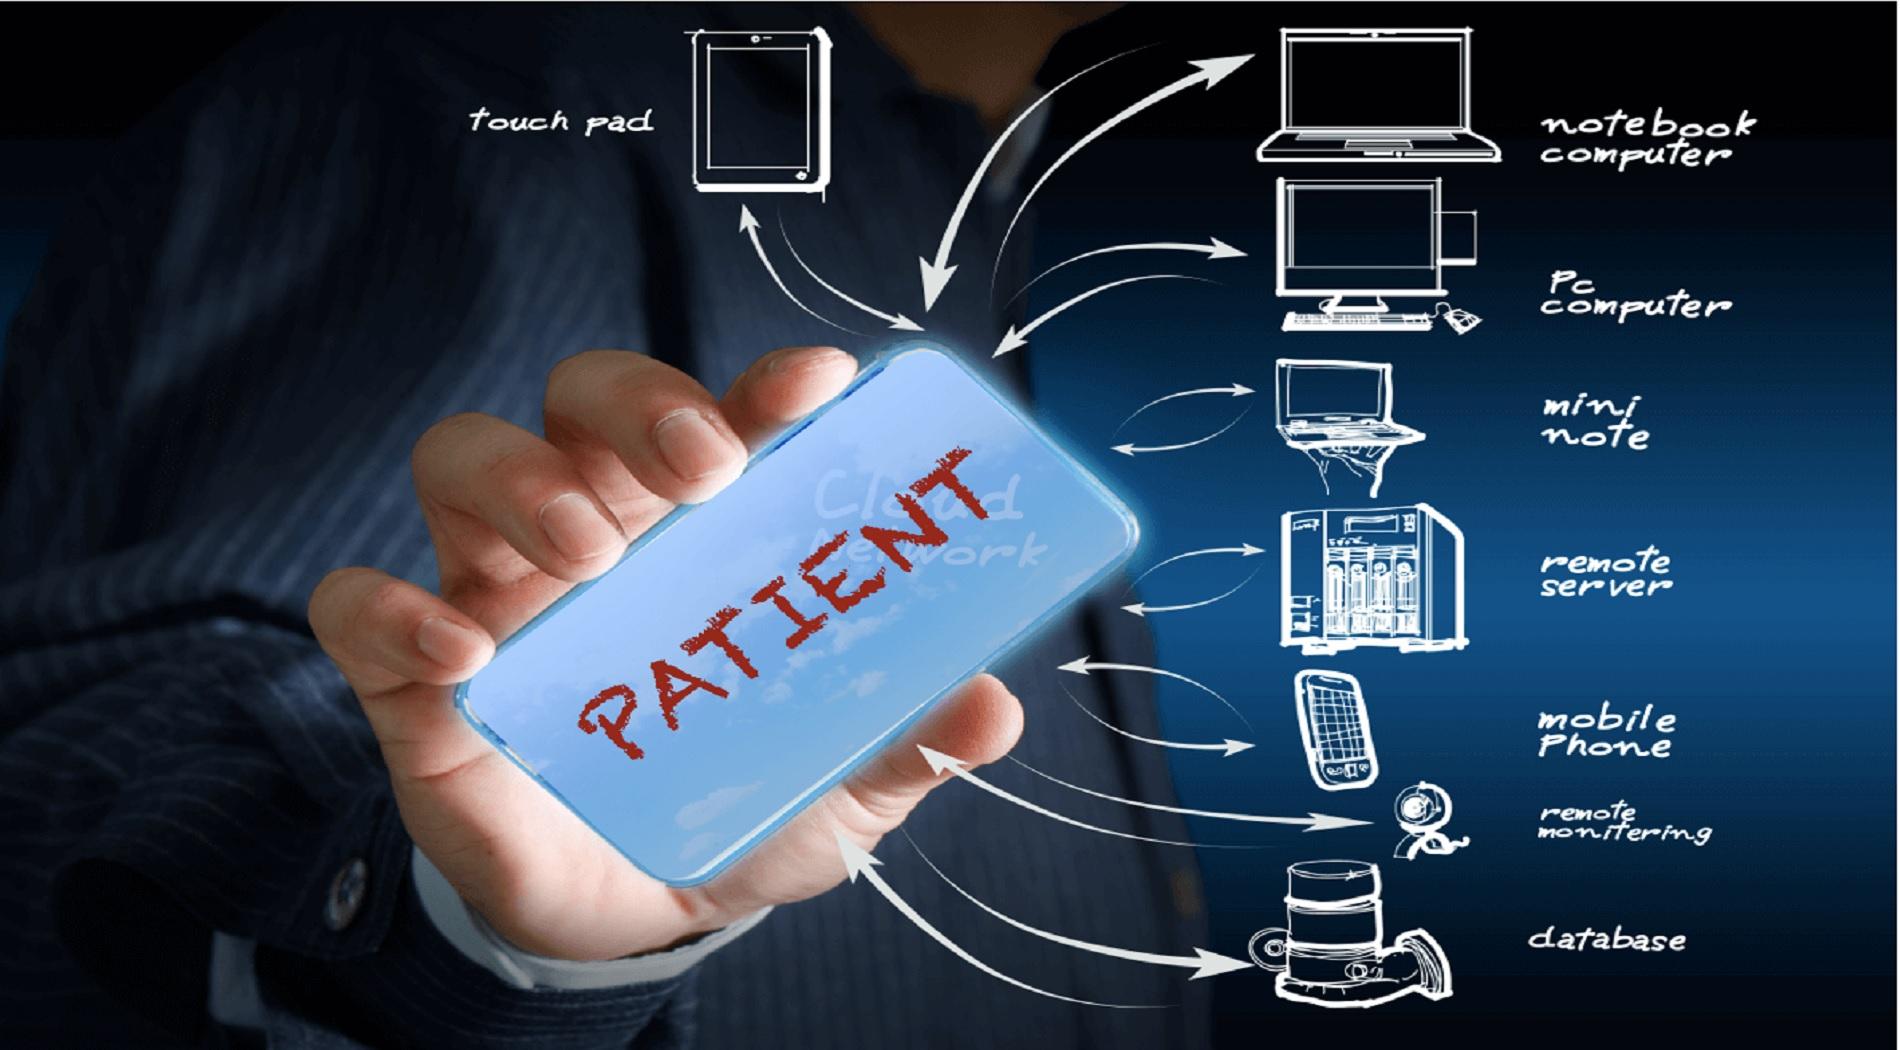 Οι κυβερνοεπιθέσεις και η ασφάλεια των ιατρικών δεδομένων